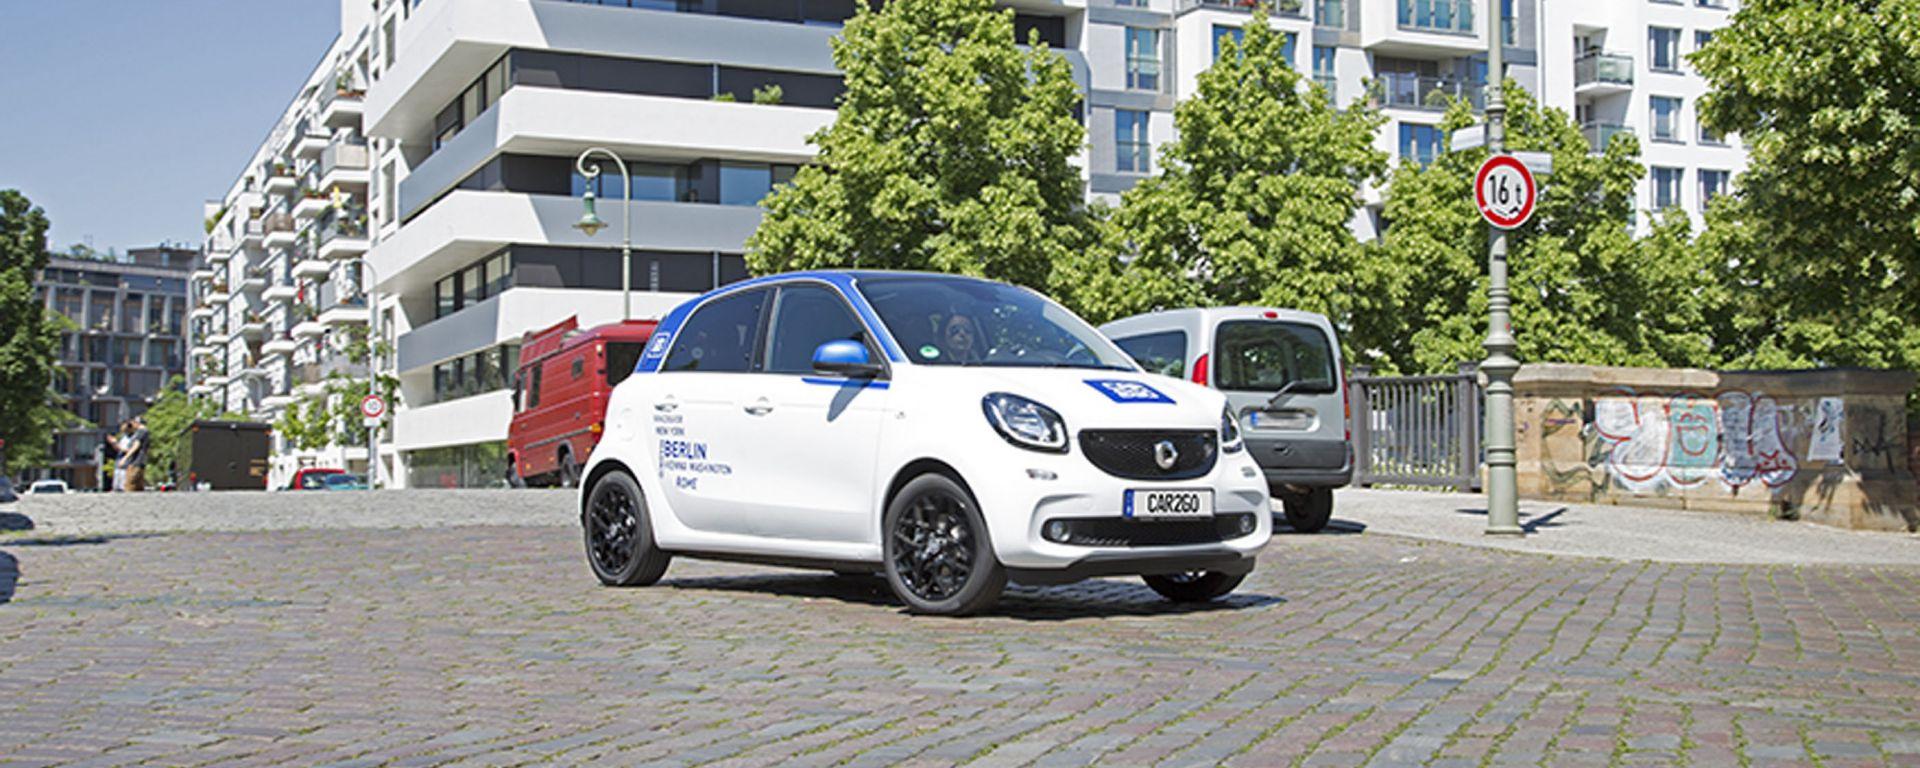 car2go: da settembre a Milano sarà disponibile anche la nuova smart forfour